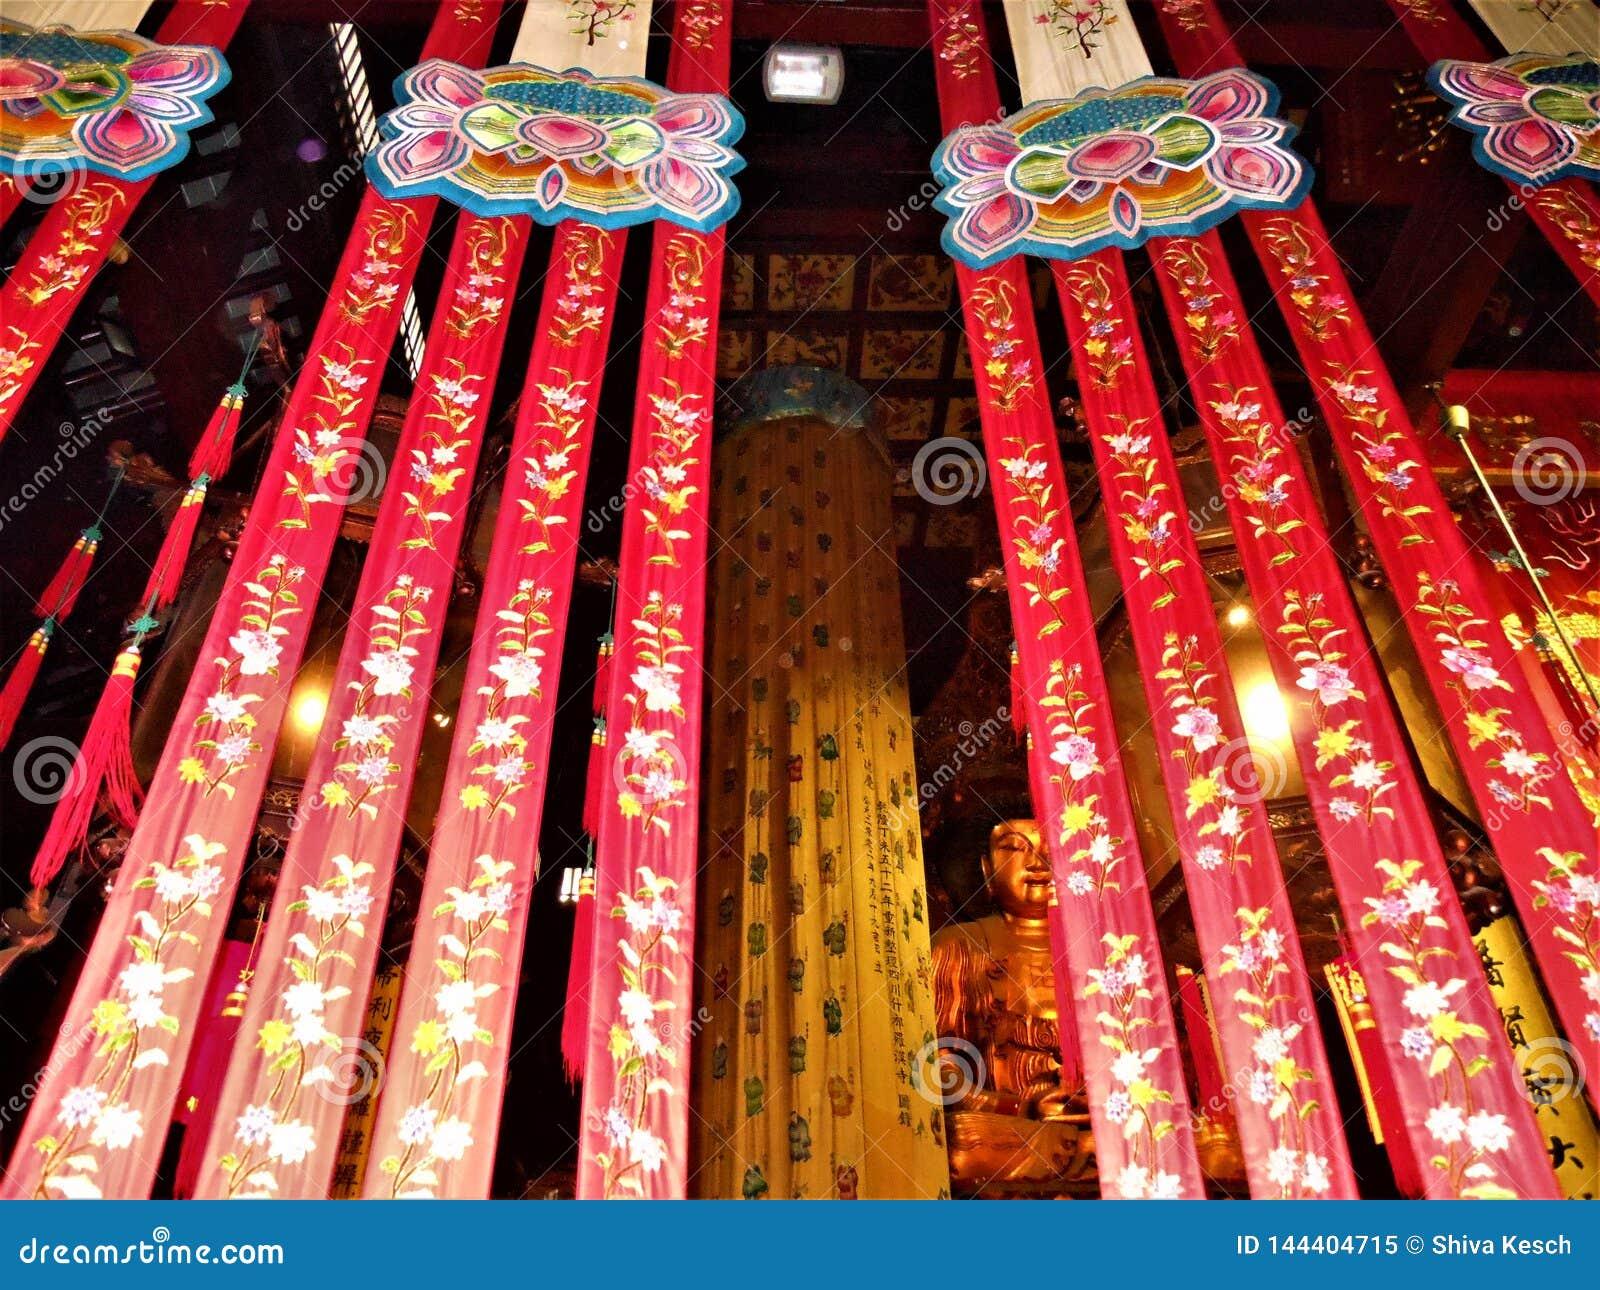 Bouddhisme, fascination, beauté et dévotion en Chine